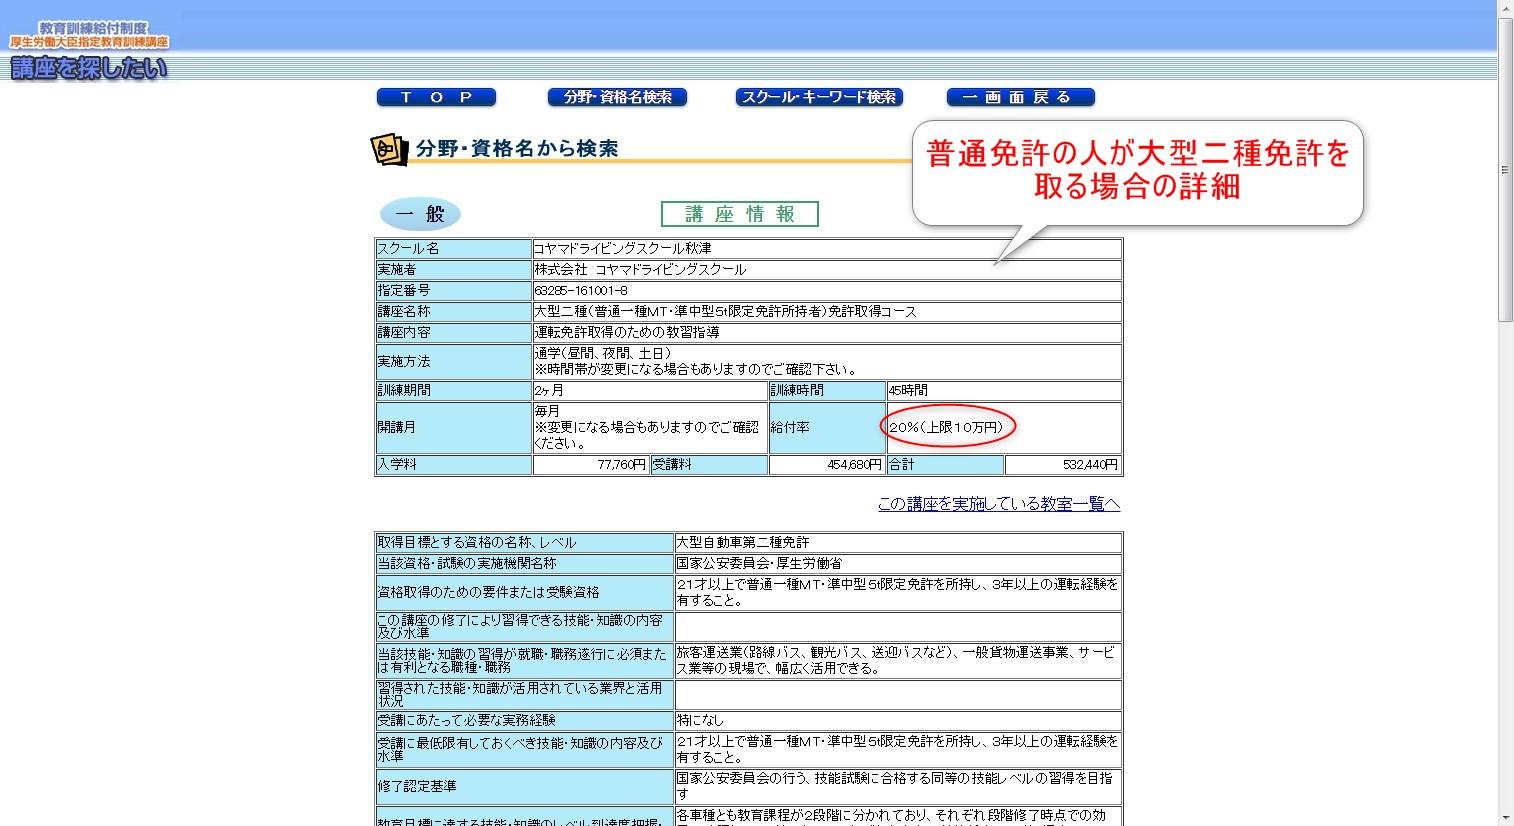 12-04-09_大型二種免許の検索方法